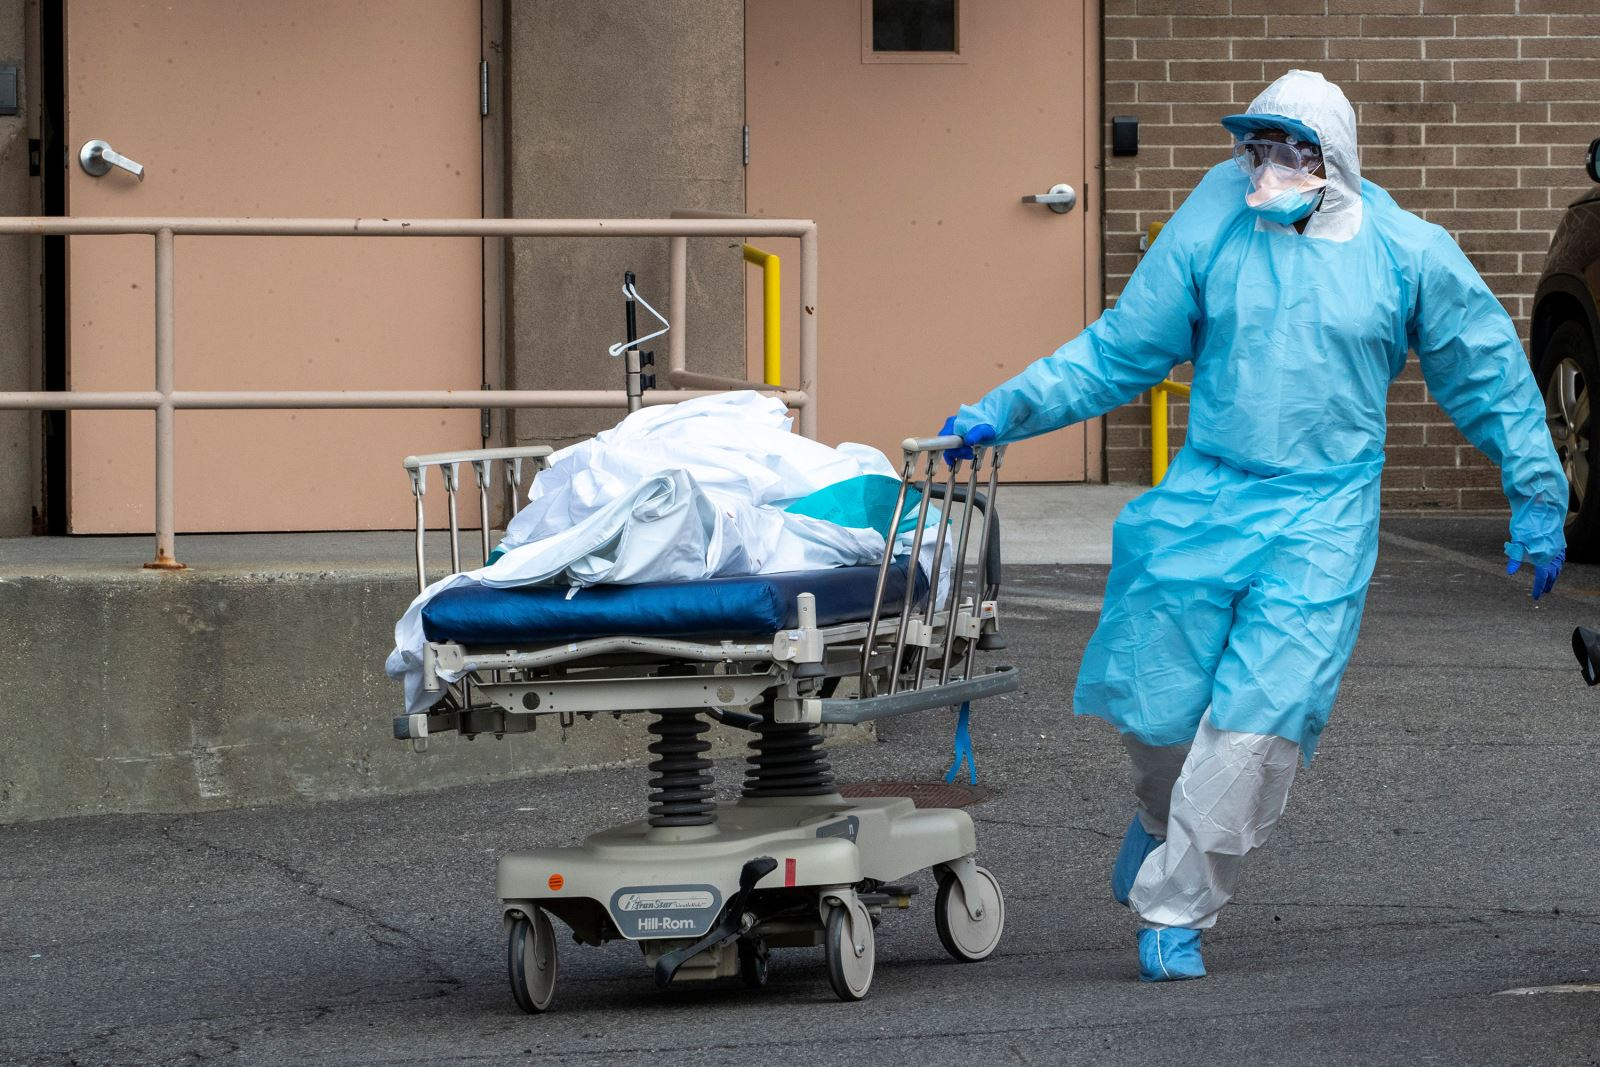 Nhân viên y tế di chuyển một thi thể tới container lạnh bên ngoài Trung tâm y tế Wyckoff Heights ở Brooklyn, New York, hôm 2-4-2020. Ảnh: AP